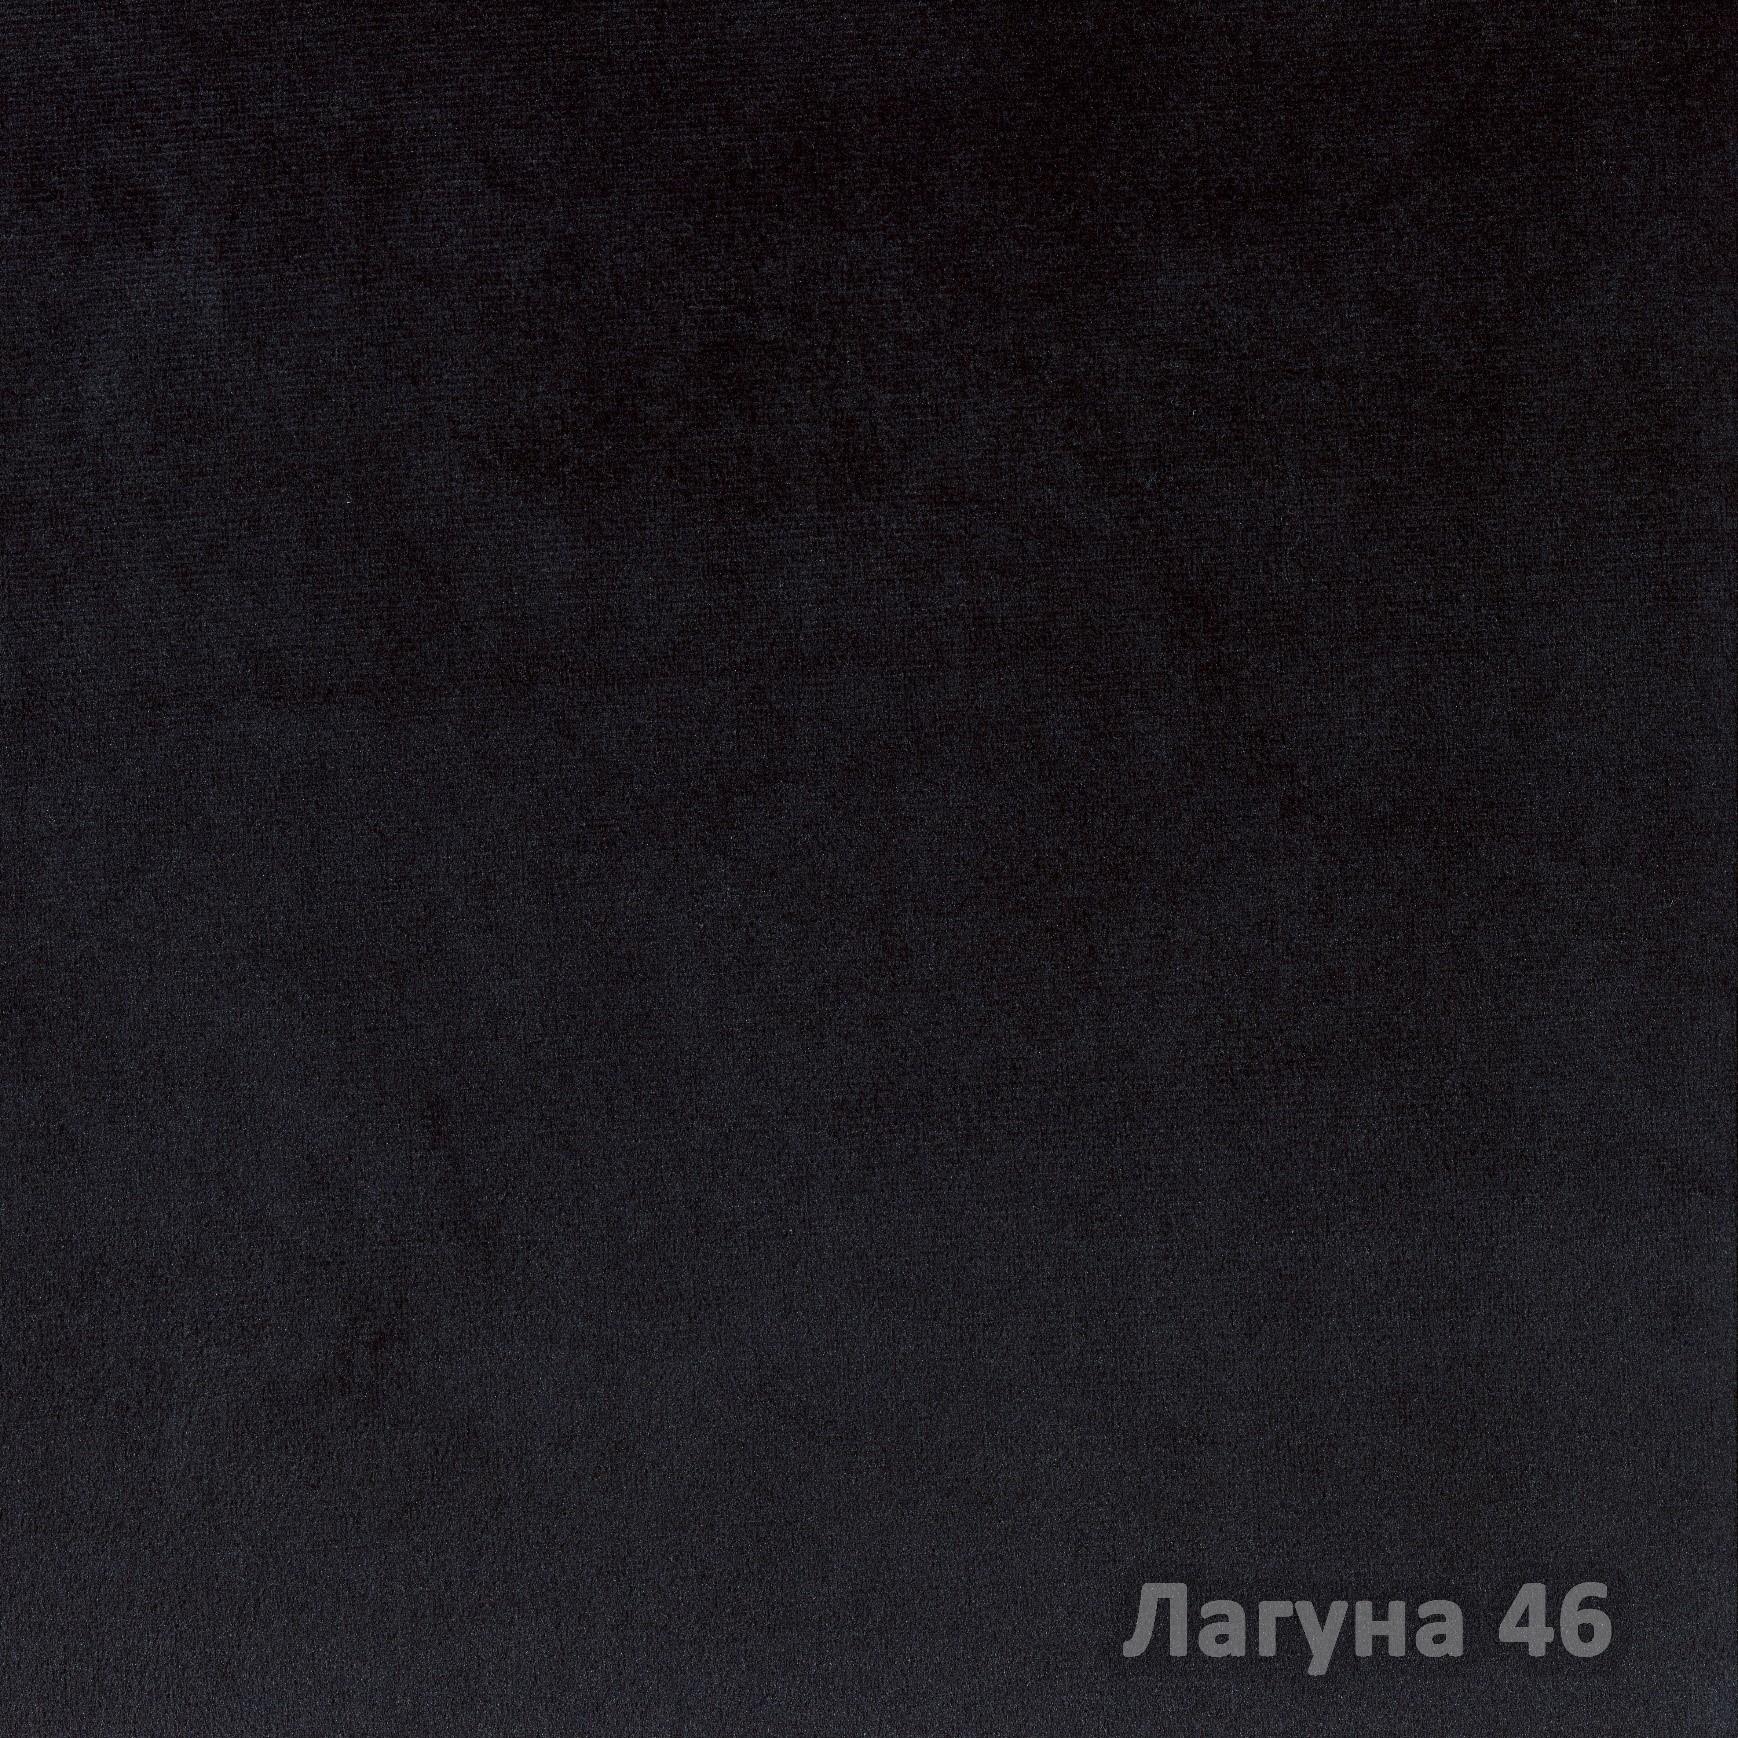 Коллекция ткани Лагуна 46,  купить ткань Велюр для мебели Украина